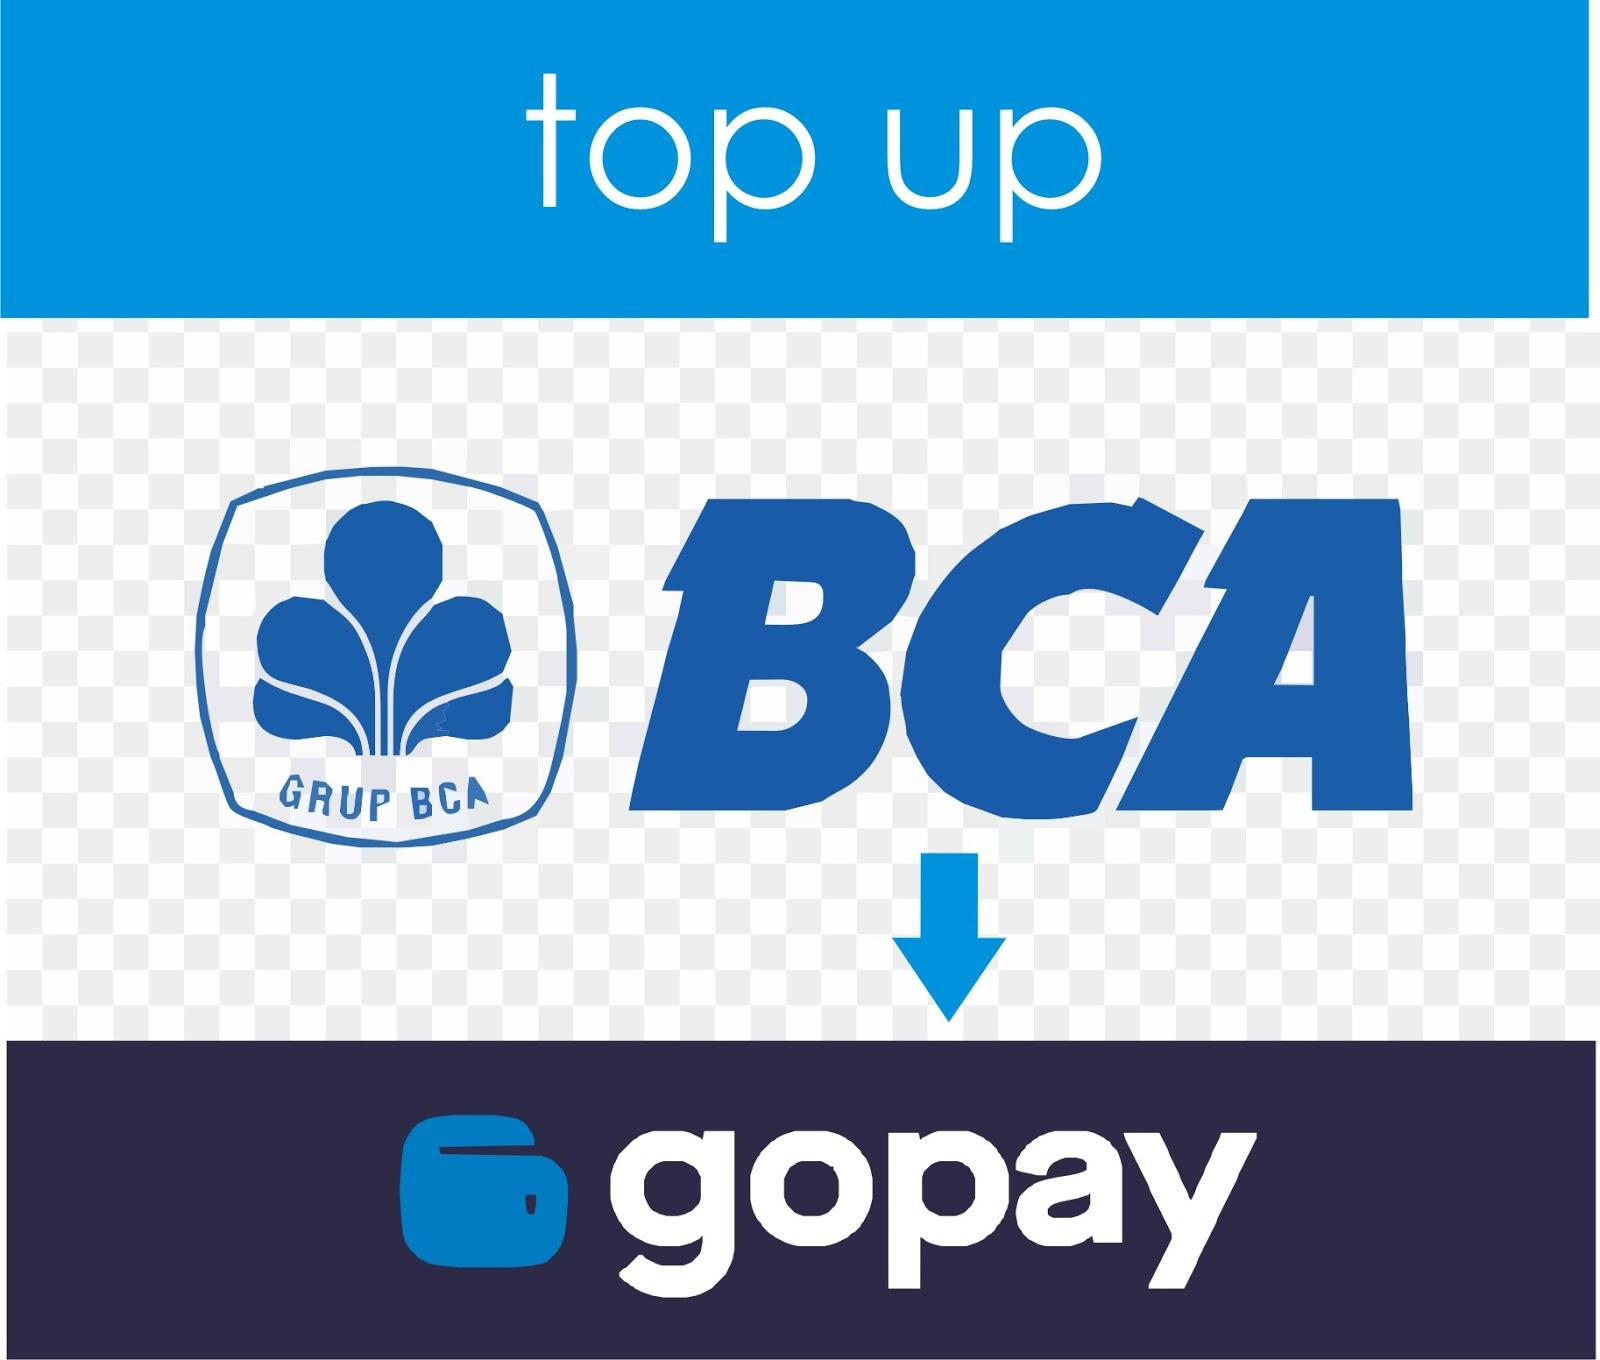 cara top up gopay dari bca